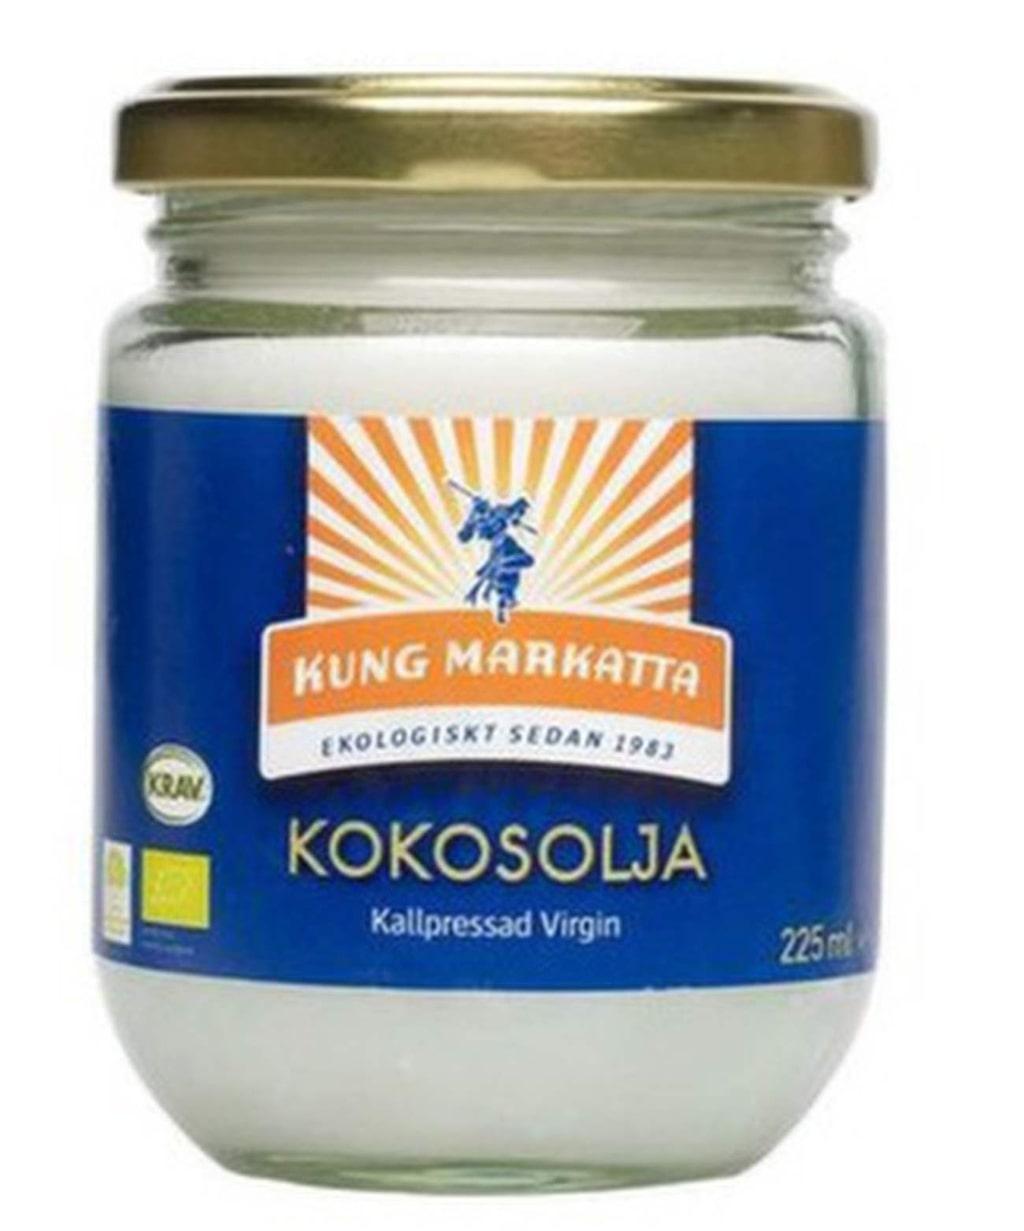 """Kallpressad kokosolja, Kung Markatta, 225 ml, 41 kronor, <a href=""""http://www.apotea.se/kung-markatta-kokosolja-virgin-225-ml"""">Apotea.se</a>."""